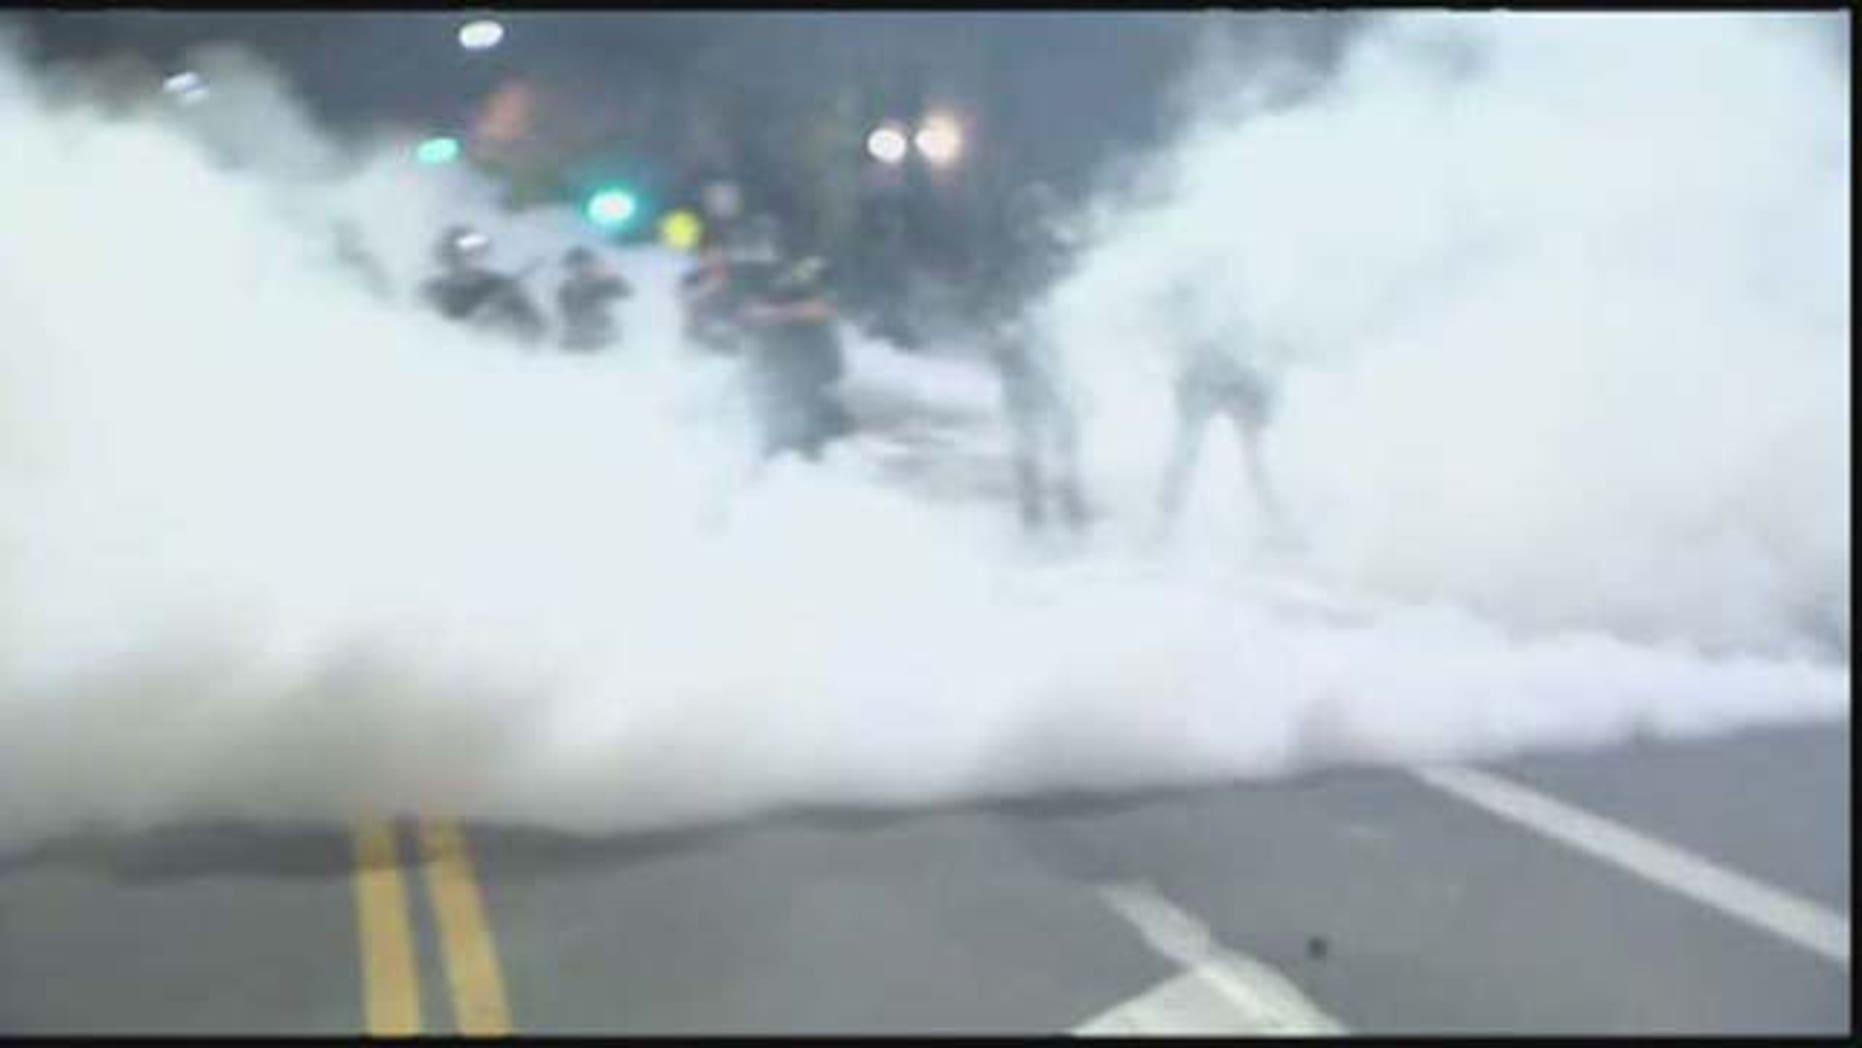 December 6, 2014: Police officers deploy tear gas against violent protesters in Berkeley, Calif. (Courtesy KTVU)